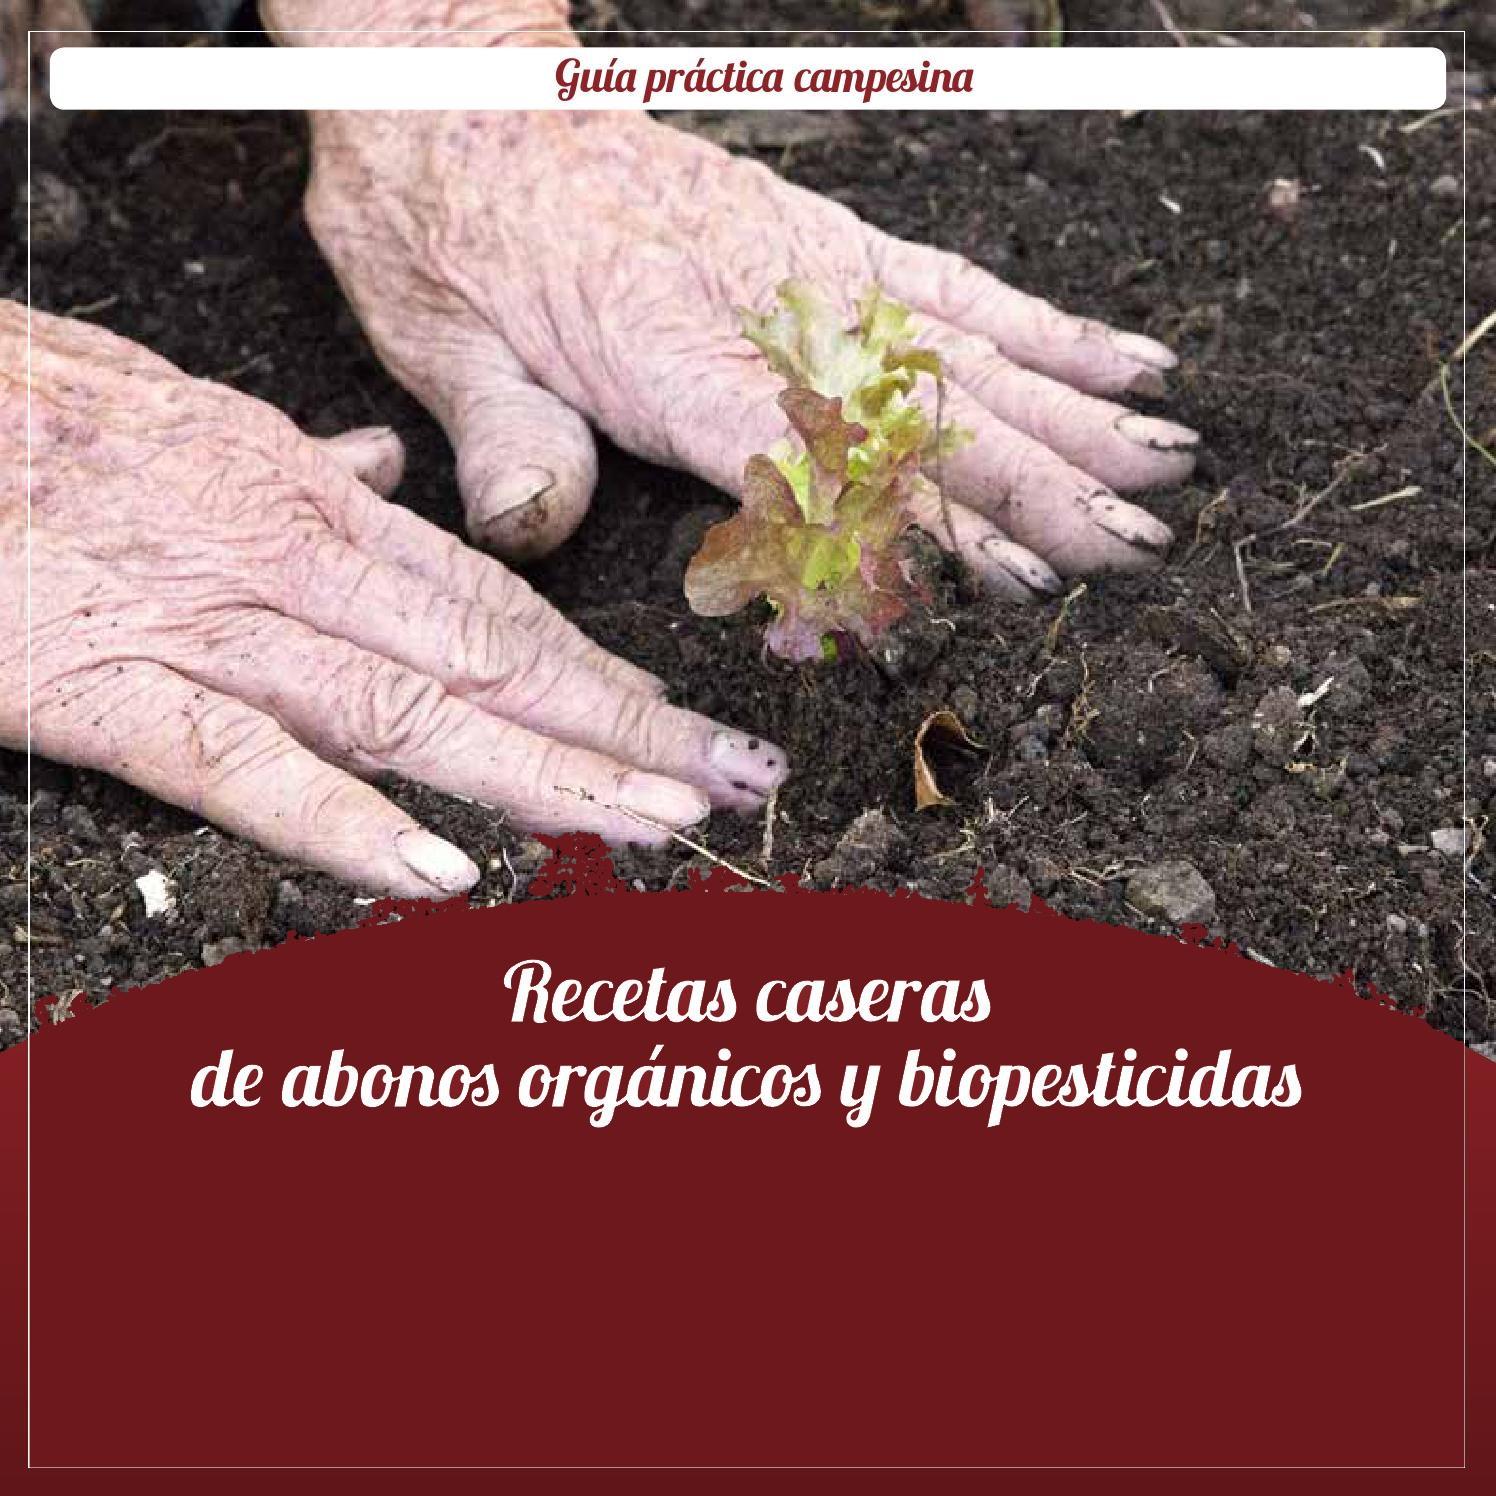 BIOPESTICIDAS: 12 recetas caseras. Guía práctica campesina.